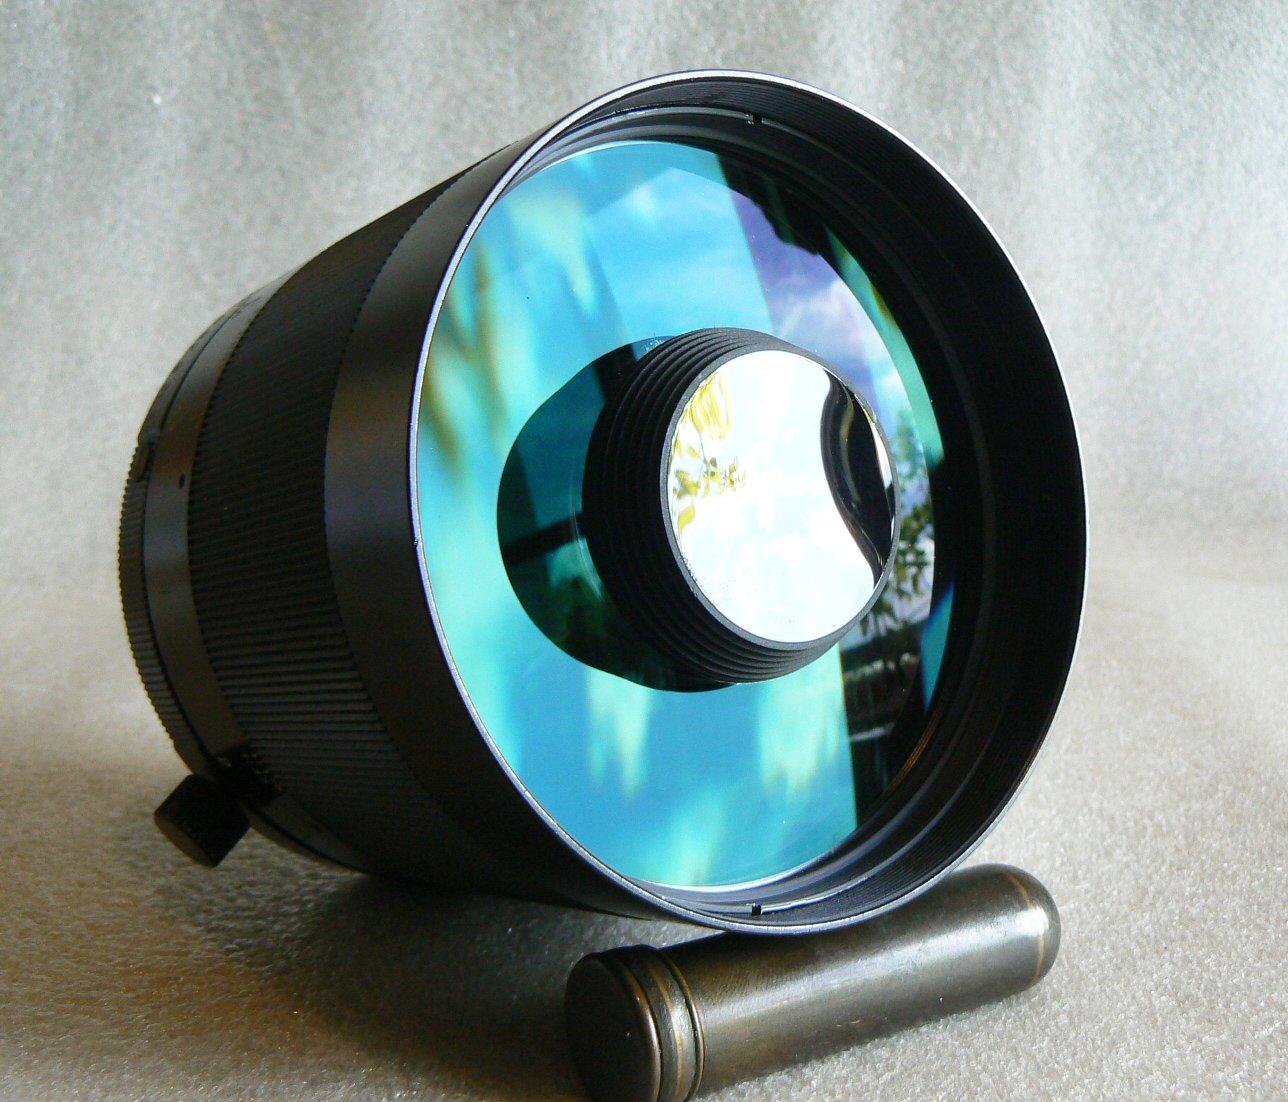 【悠悠山河】甜甜圈 微距反射鏡 最強1.7M微距近拍 Tamron SP 500MM F8 MC 55B 鏡片透亮無塵